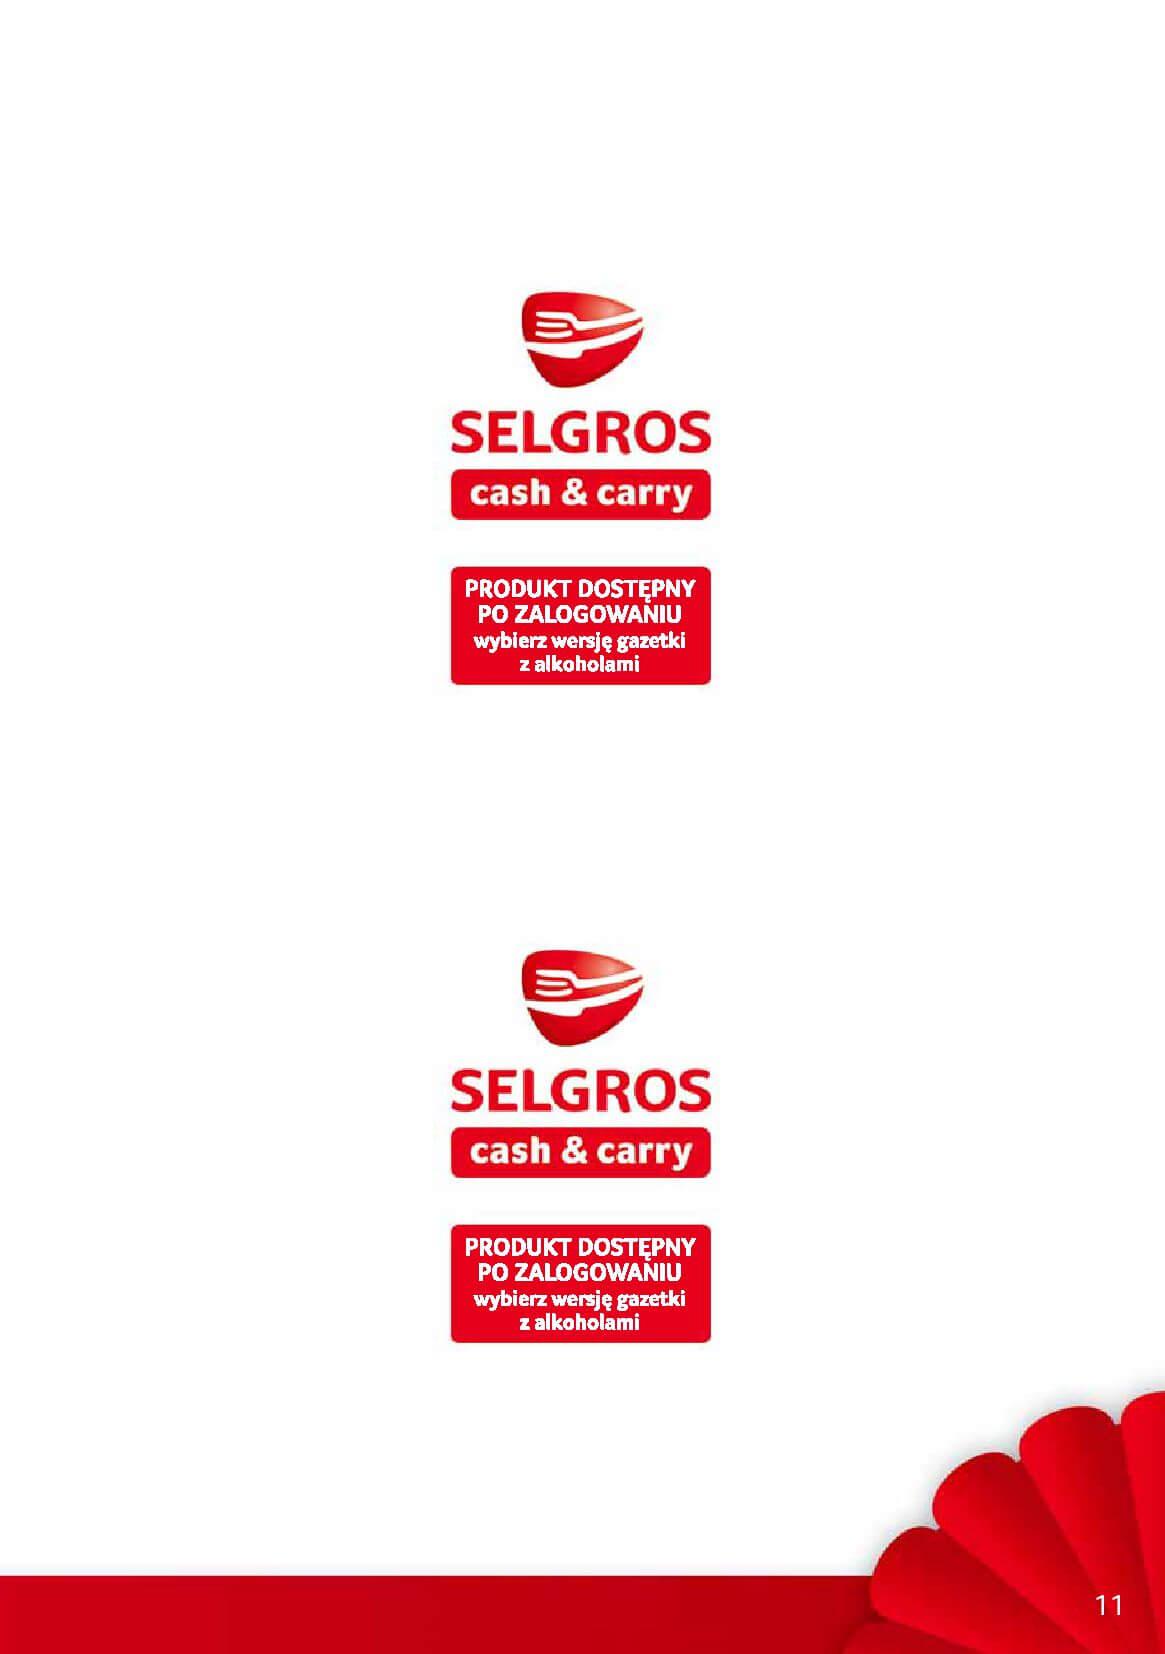 Gazetka Selgros - Oferta promocyjna na nowe produkty-2017-12-04-2017-12-18-page-11